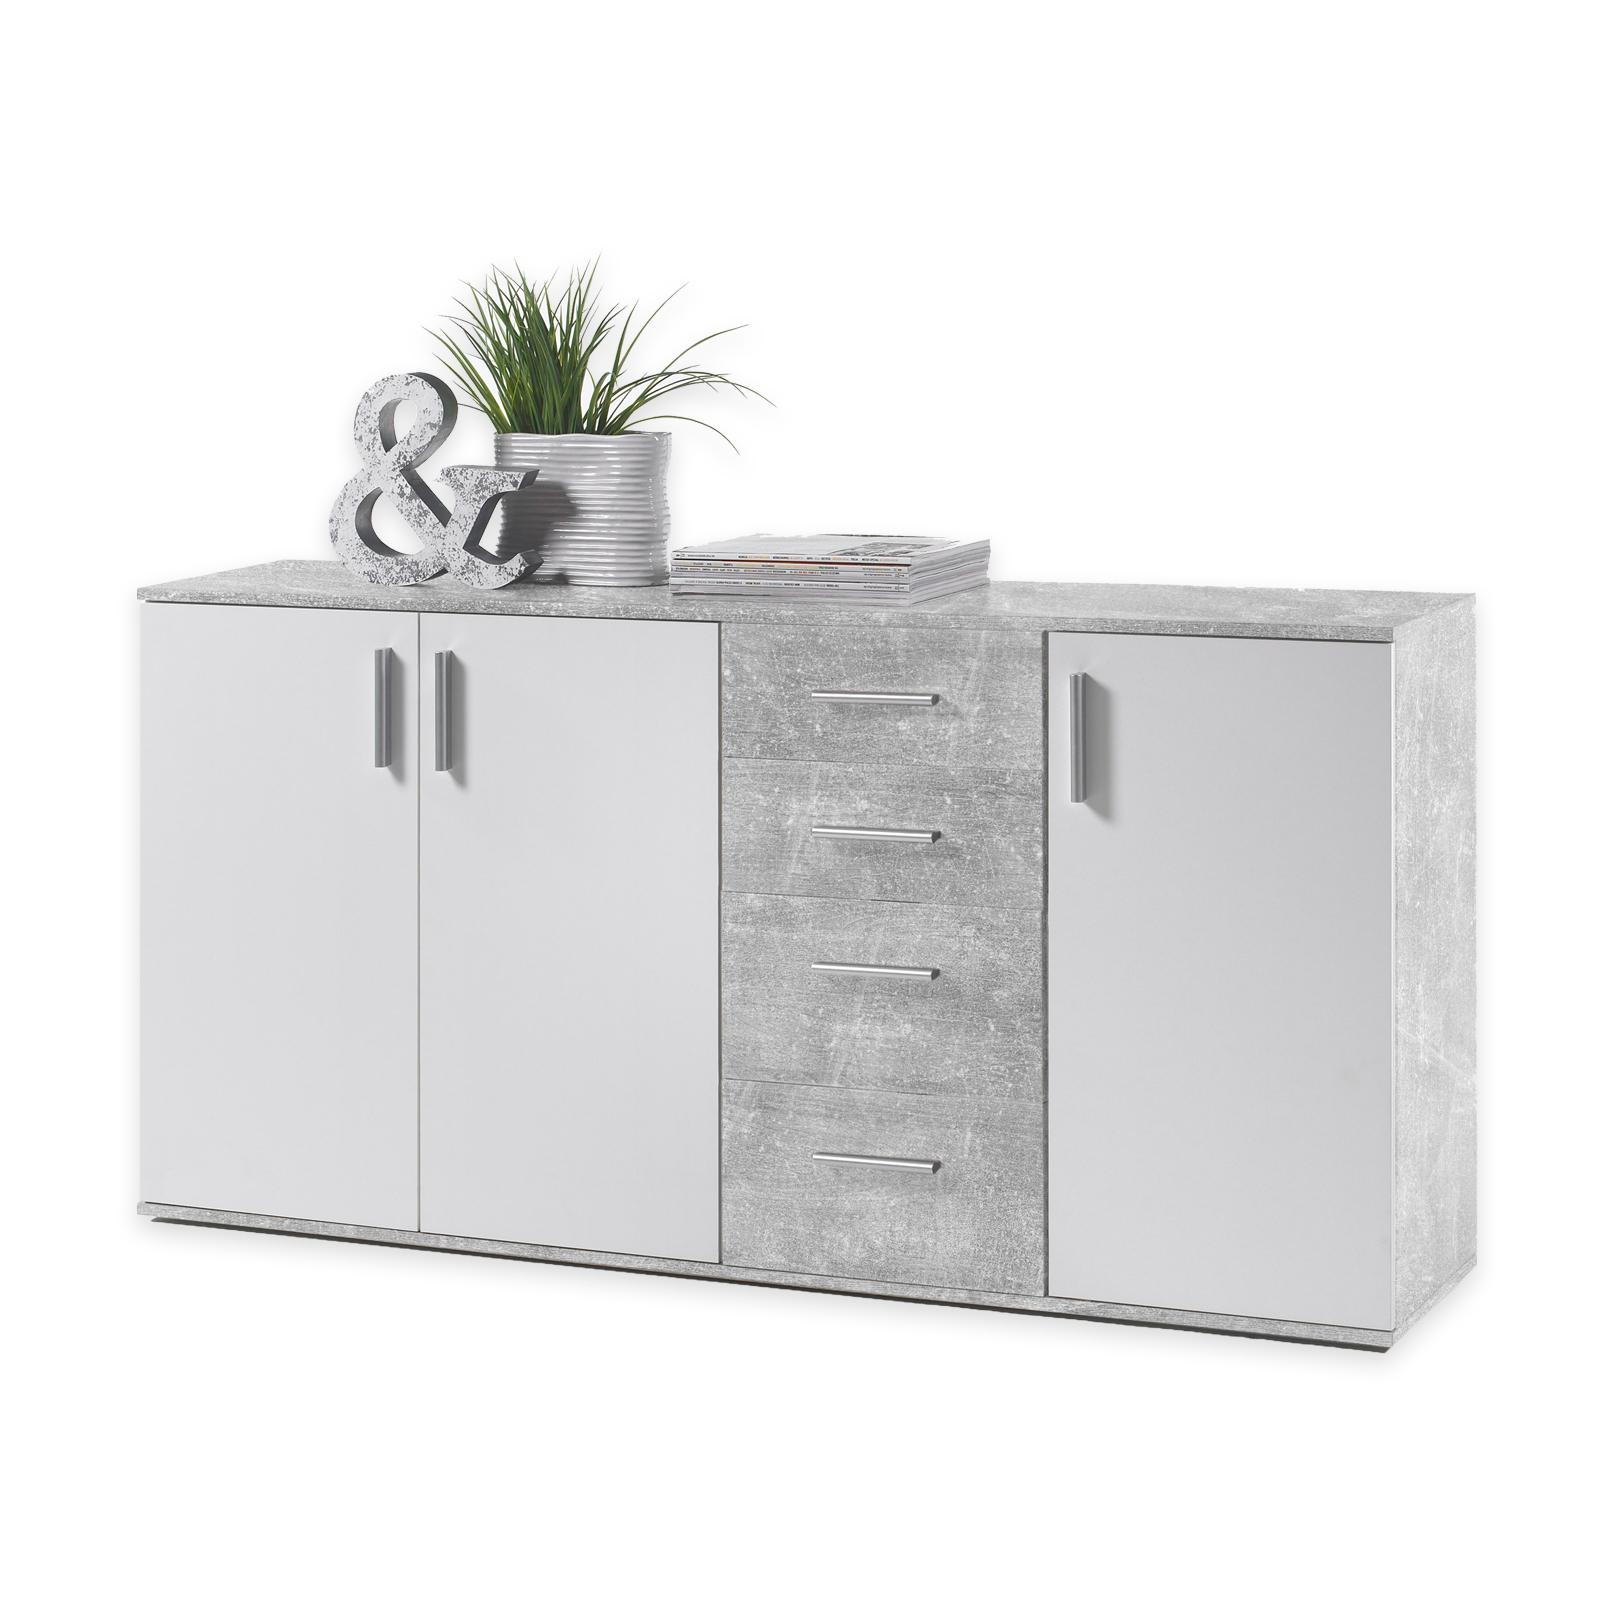 Kommode Weiss Beton Optik 160 Cm Breit Online Bei Roller Kaufen